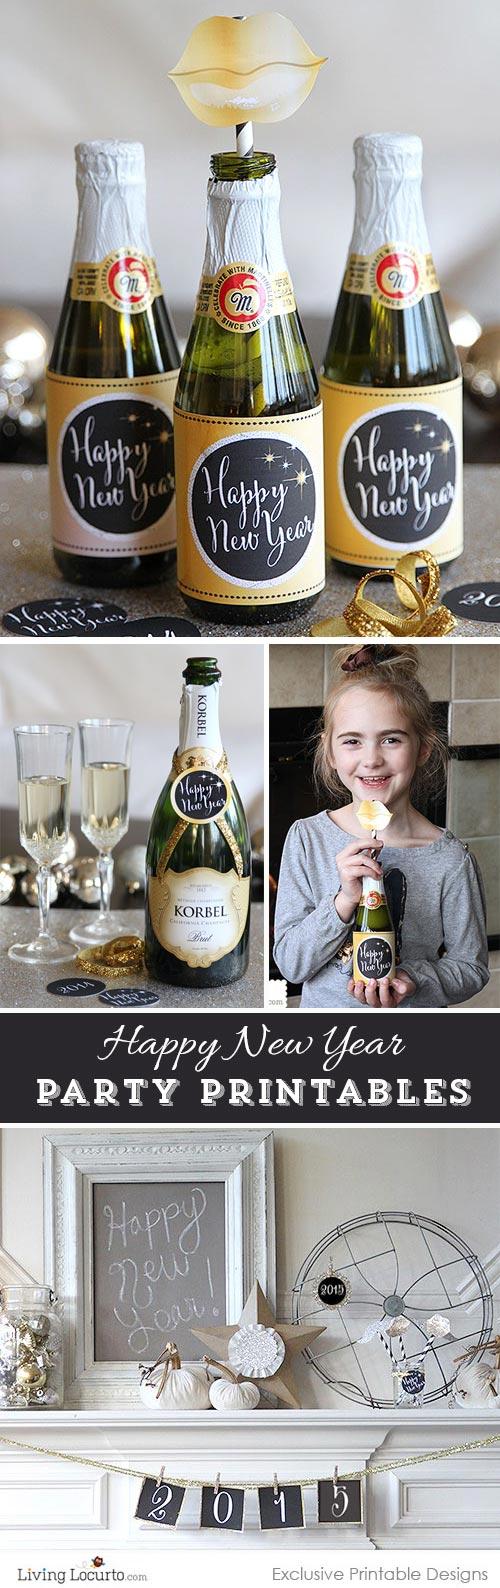 Imprimibles gratis para celebrar el Fin de Año.